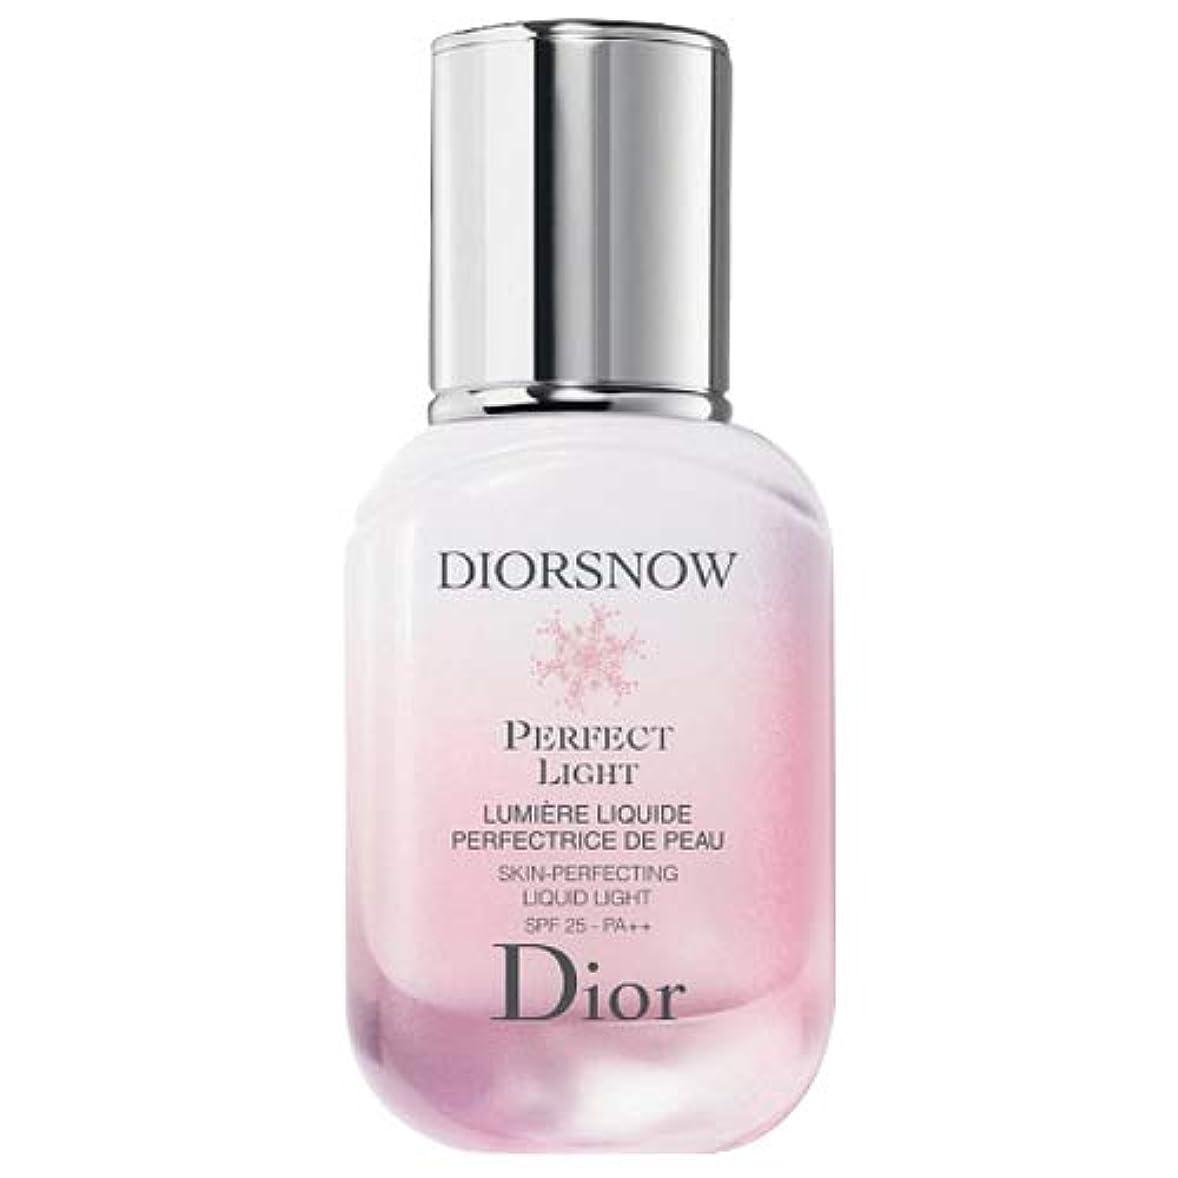 厚くするどこでも蒸気クリスチャンディオール Christian Dior スノーパーフェクト ライト SPF25/PA++ 30mL [並行輸入品]